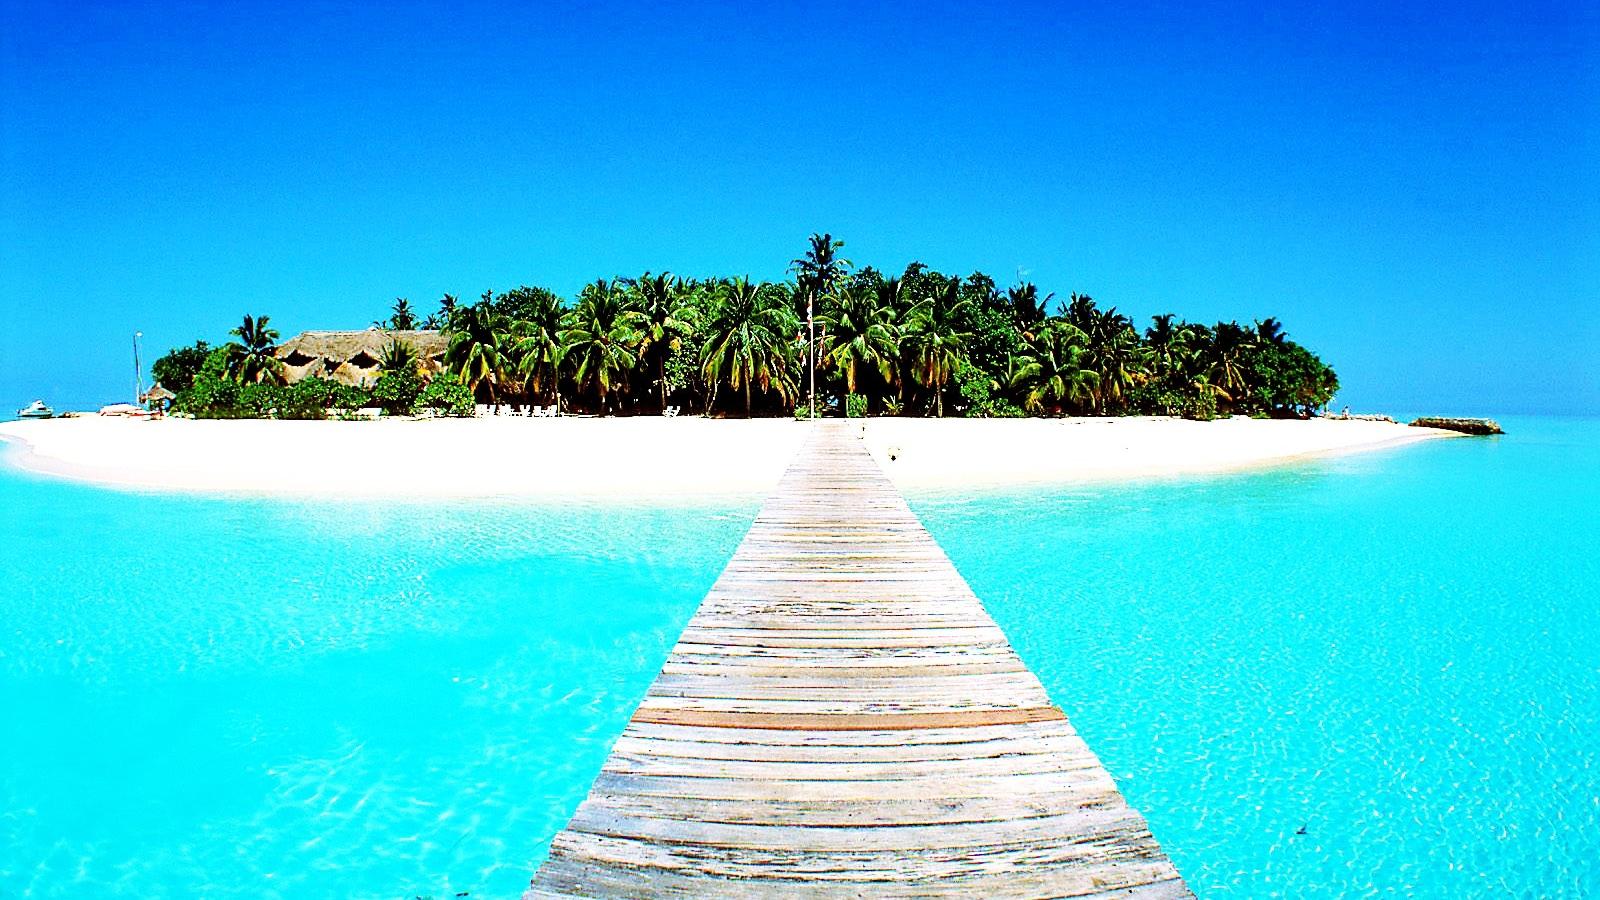 Alquiler de yates de lujo en las Islas Maldivas. Yates de alquiler en Maldivas. Yates de lujo en Maldivas